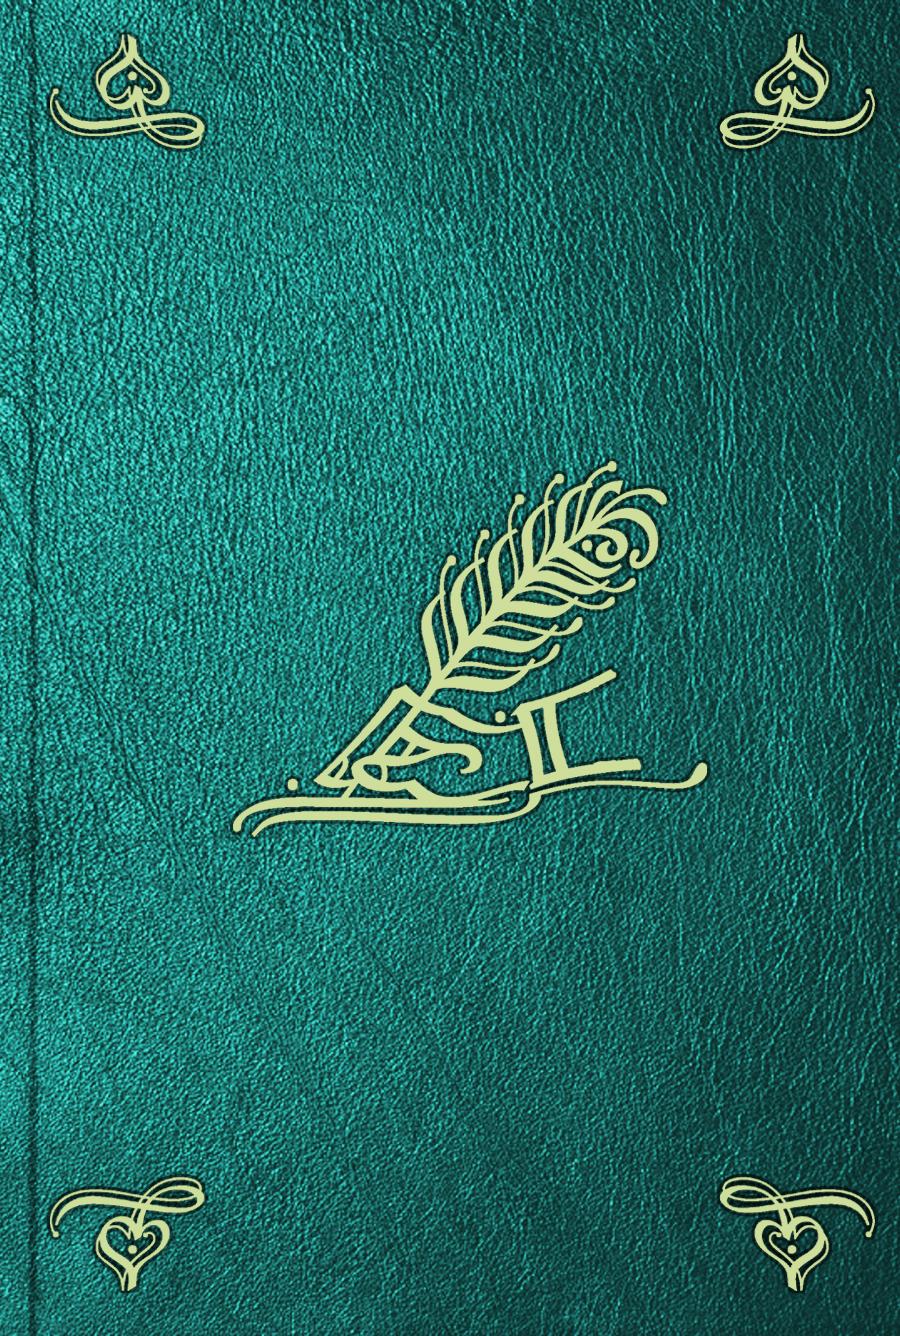 Ignatius Aurelius Fessler Die Geschichten der Ungern und ihrer Landsassen. T. 4 виталий мушкин erotische geschichten die zweite zehn